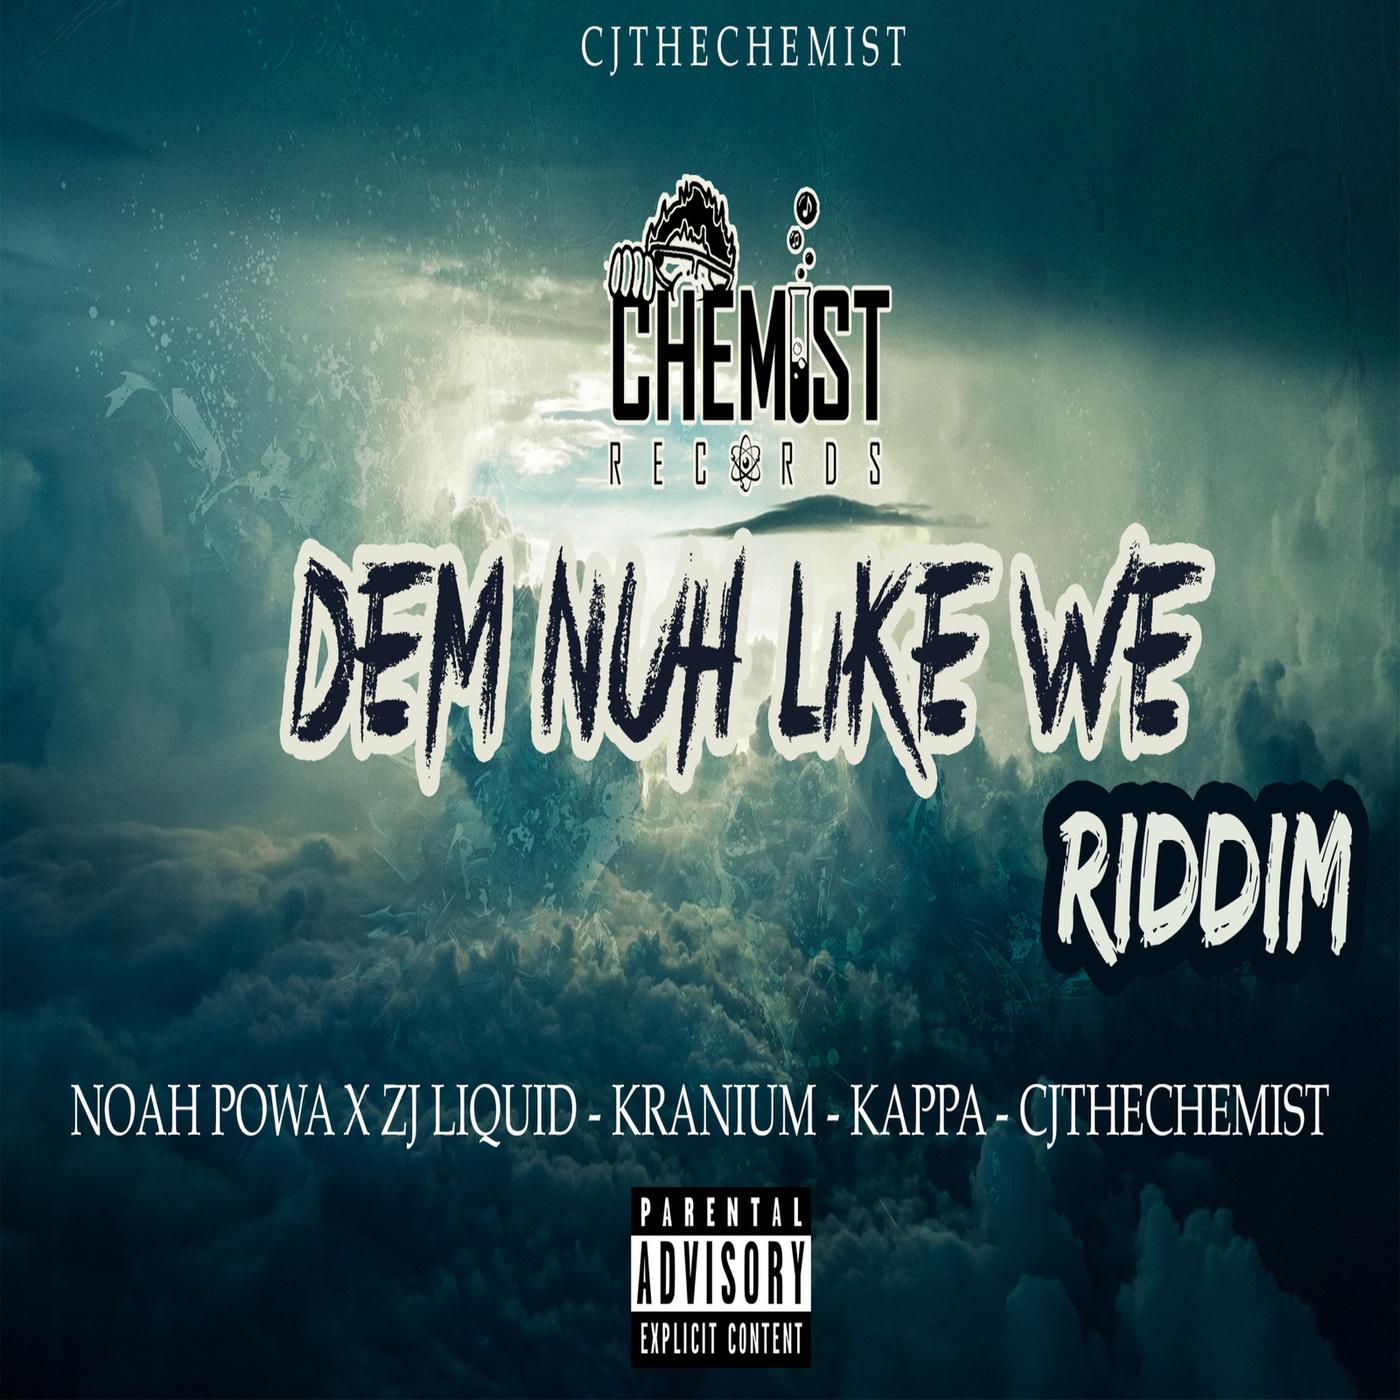 DEM NUH LIKE WE RIDDIM - CHEMIST RECORDS [2018] | Reggae Fresh